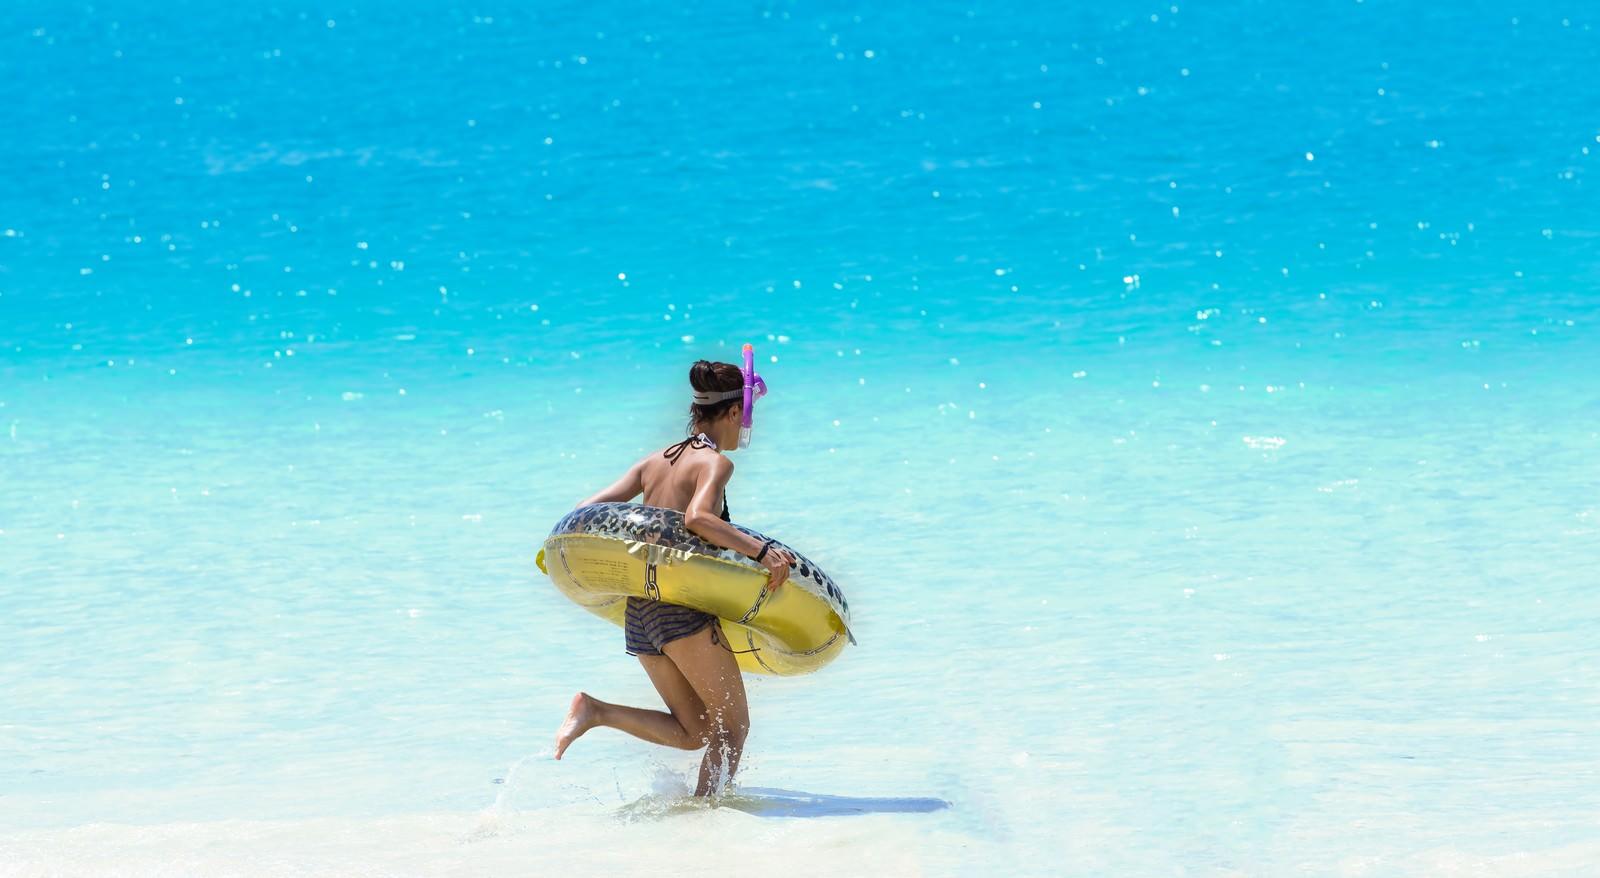 「シュノーケリングセットと浮き輪を持って、海に駆け出すこんがり焼けた女の子」の写真